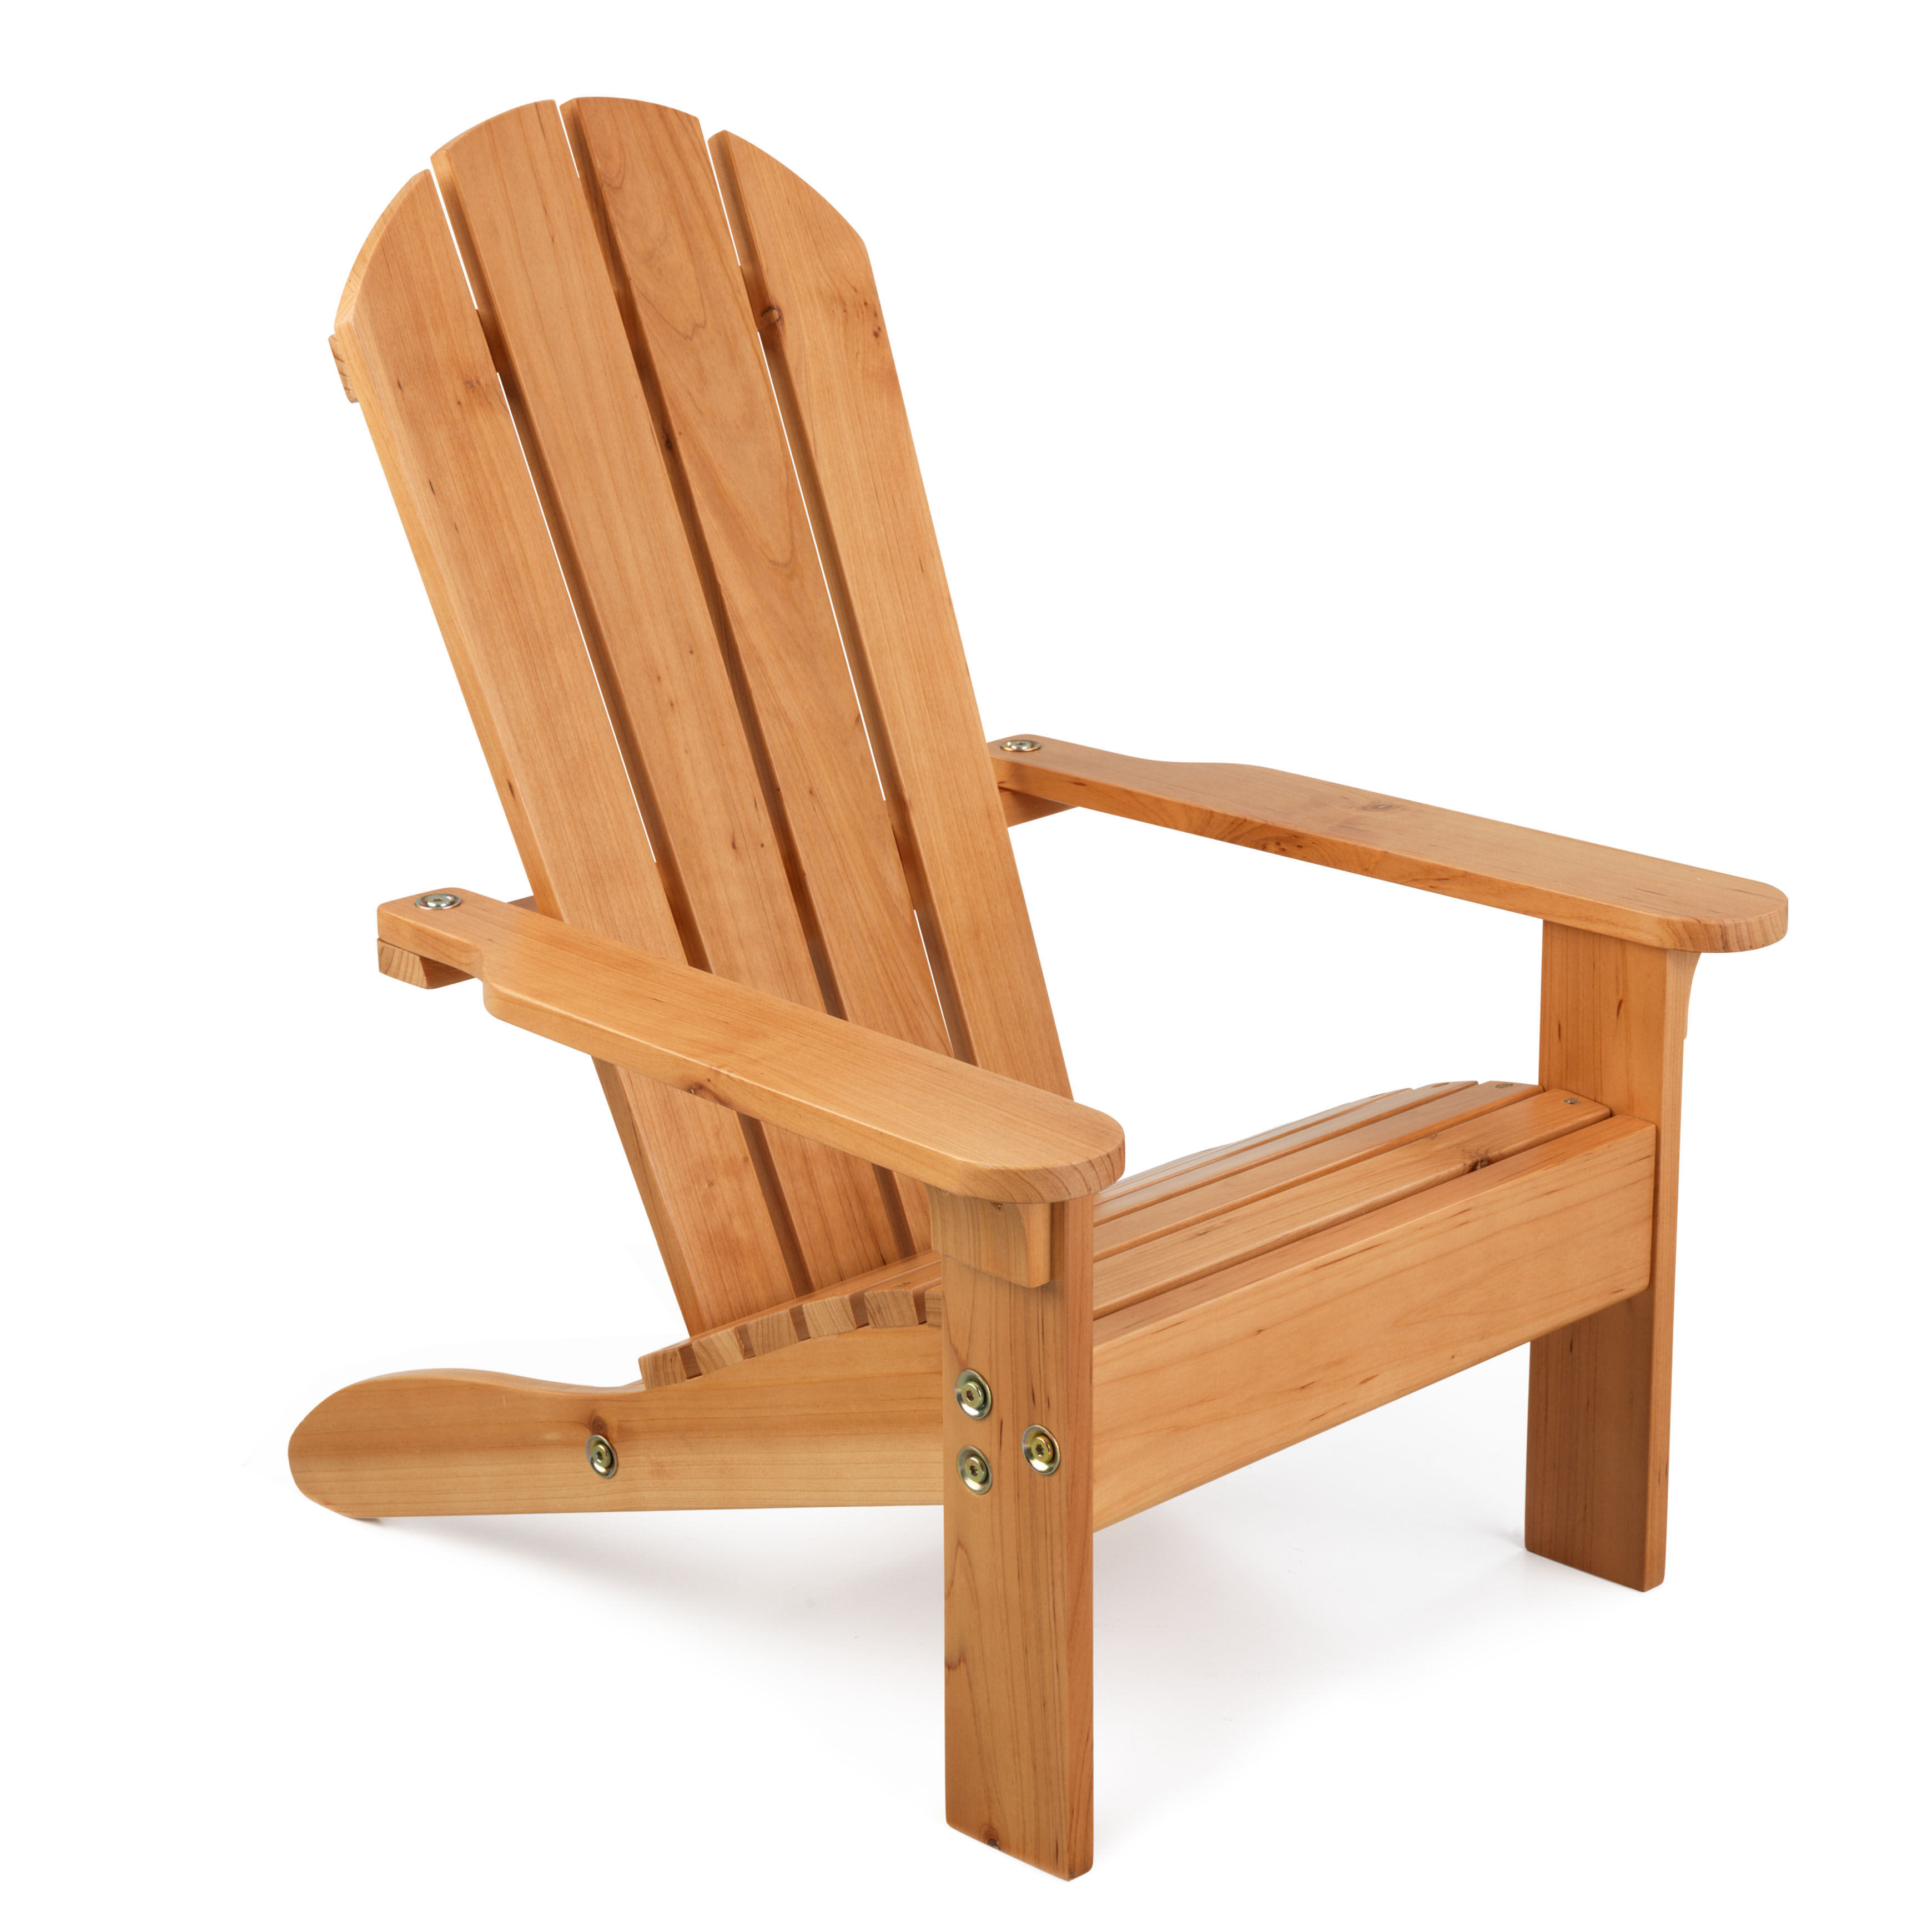 KidKraft Adirondack Chair Honey by KidKraft